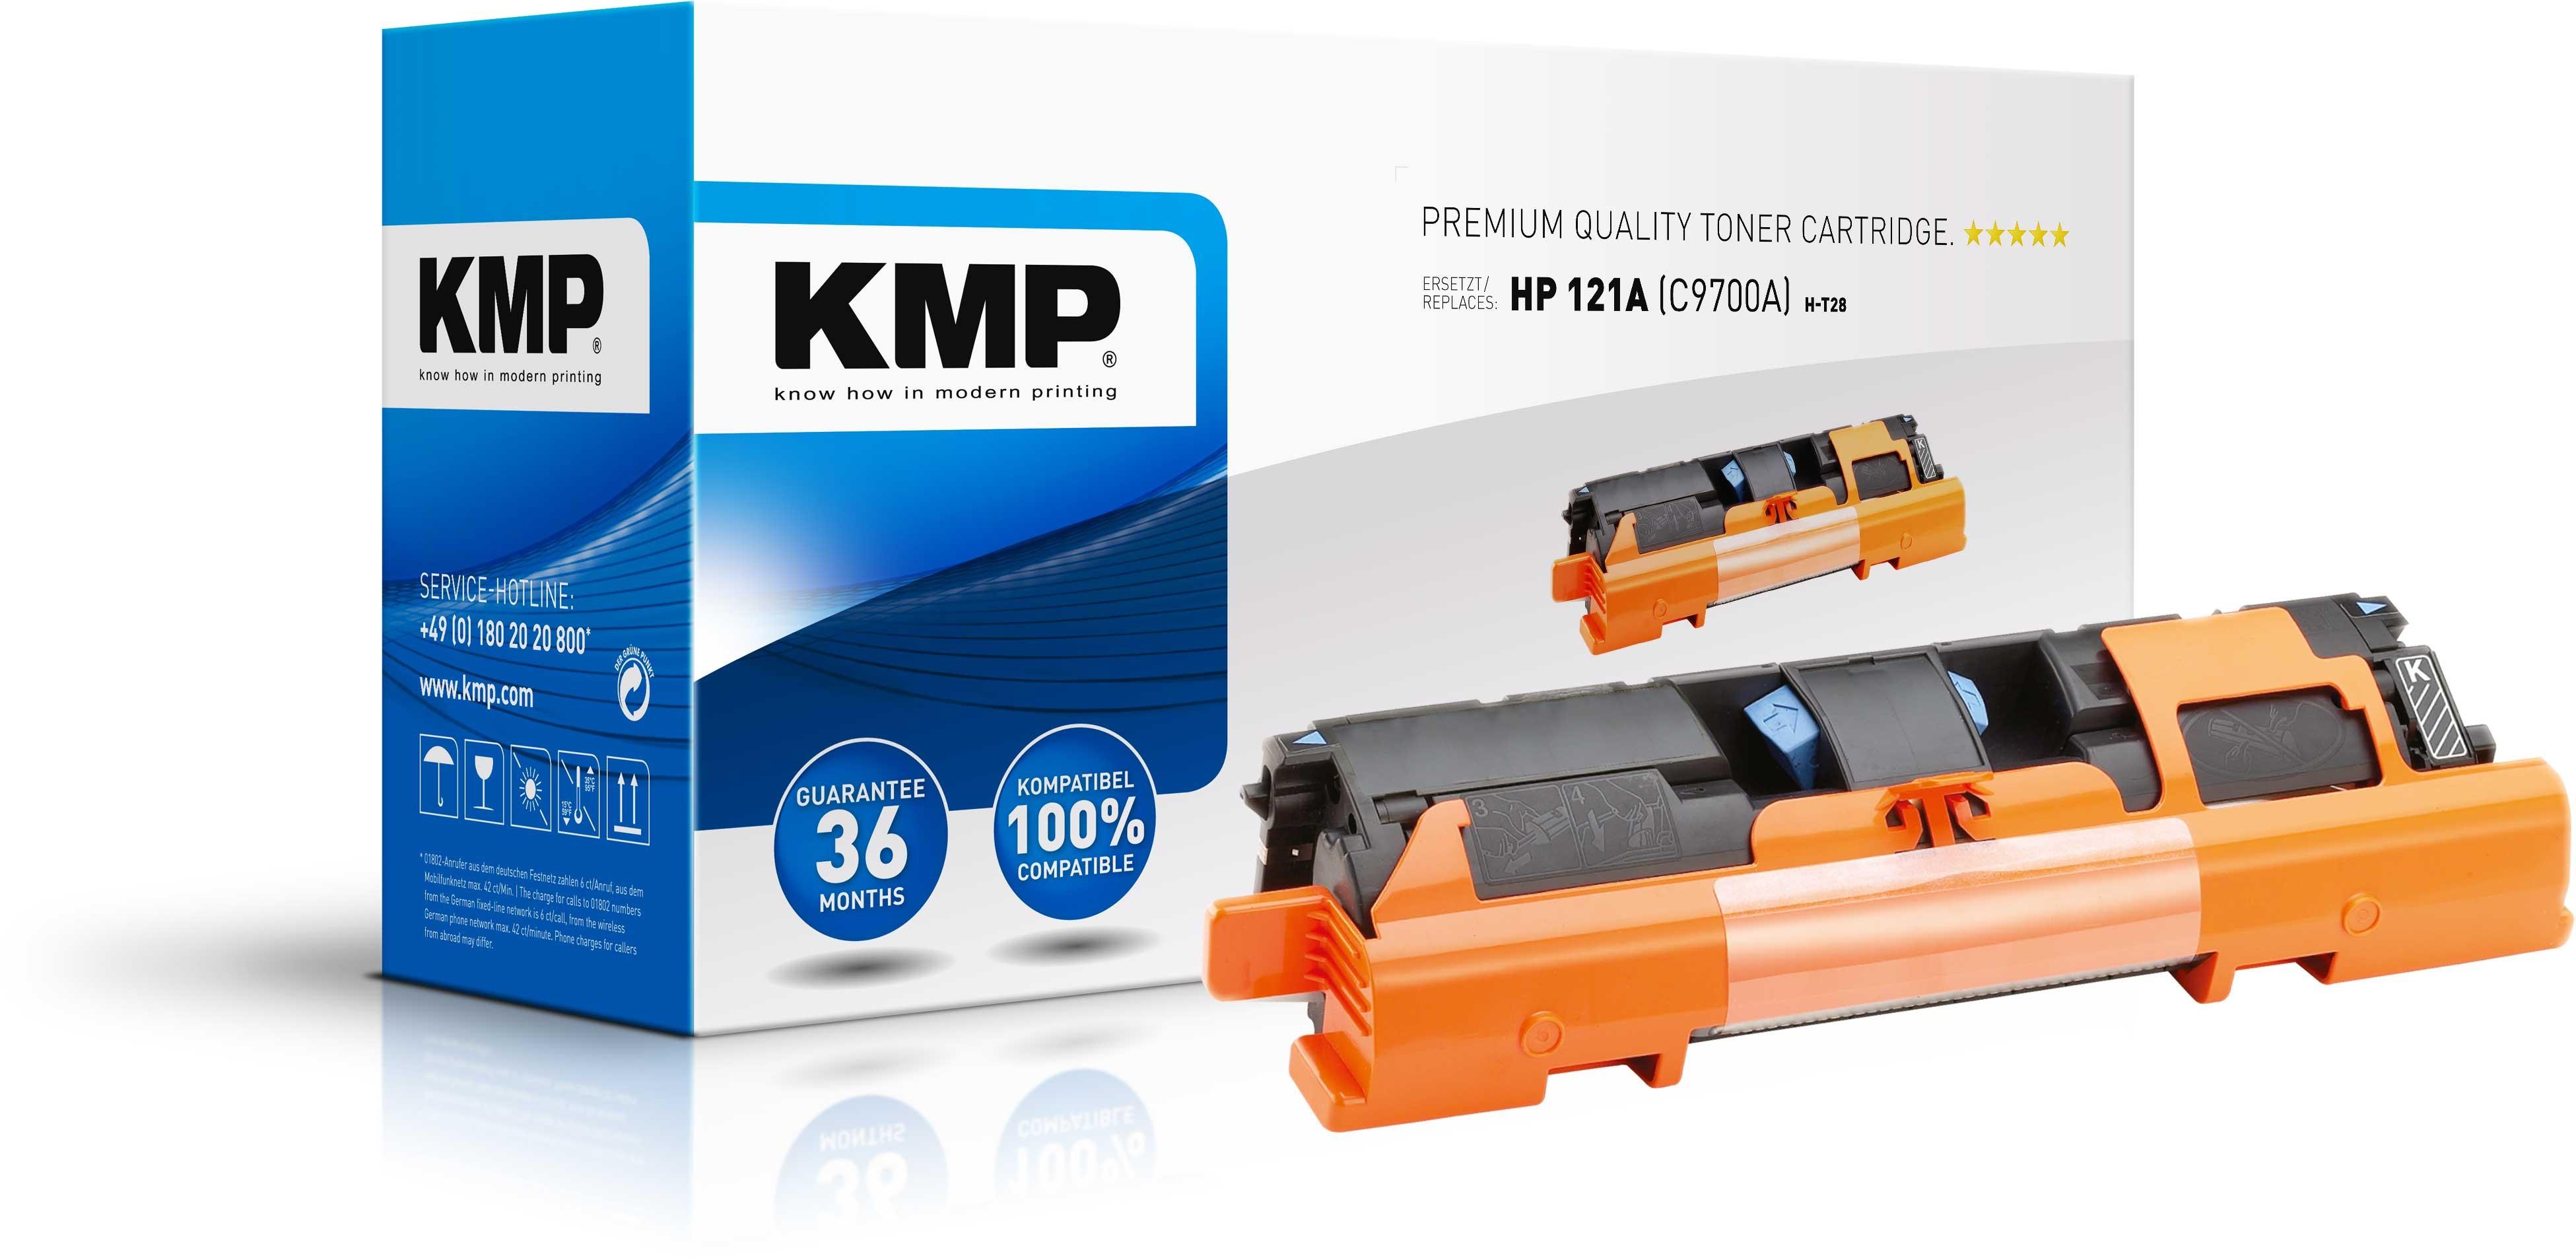 Vorschau: KMP Toner für HP C9700A Color Laserjet 1500 / 2500 Series black